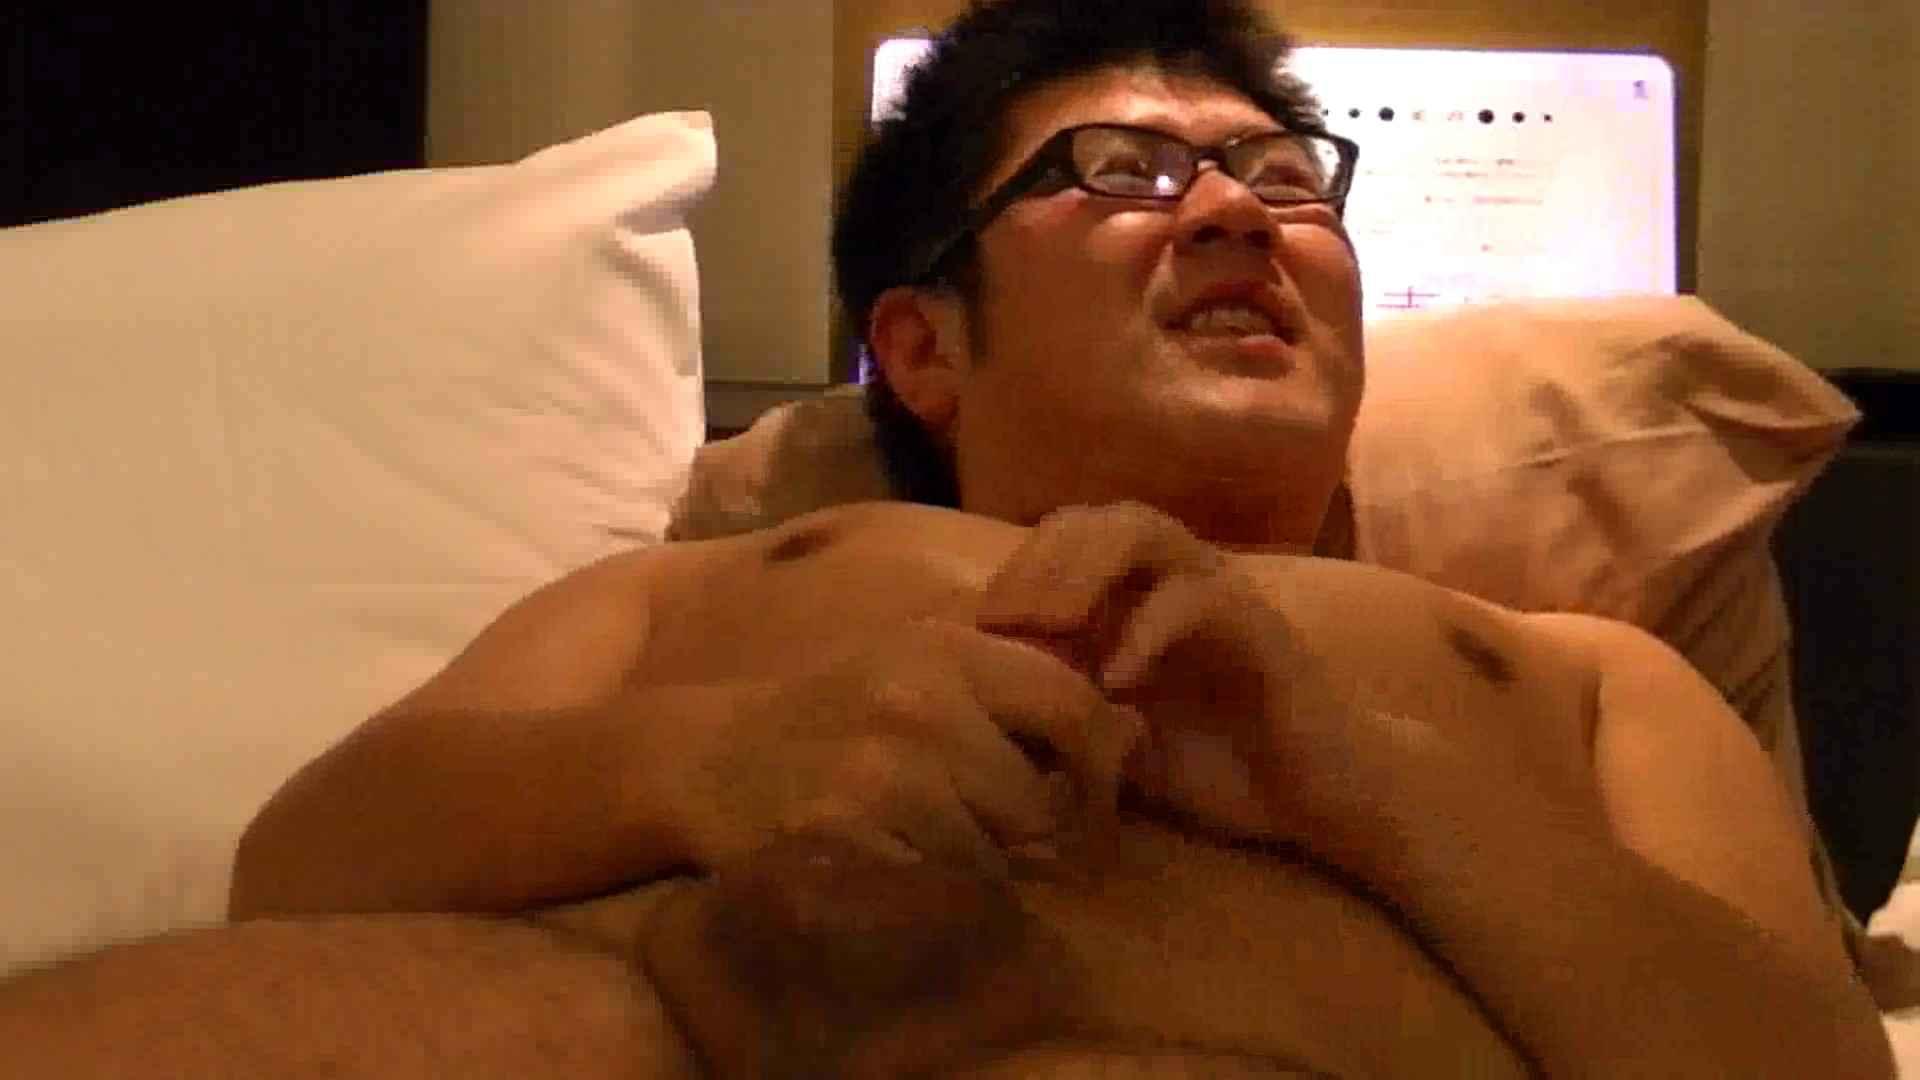 ONA見せカーニバル!! Vol5 メンズのエッチ   オナニー専門男子  81画像 77